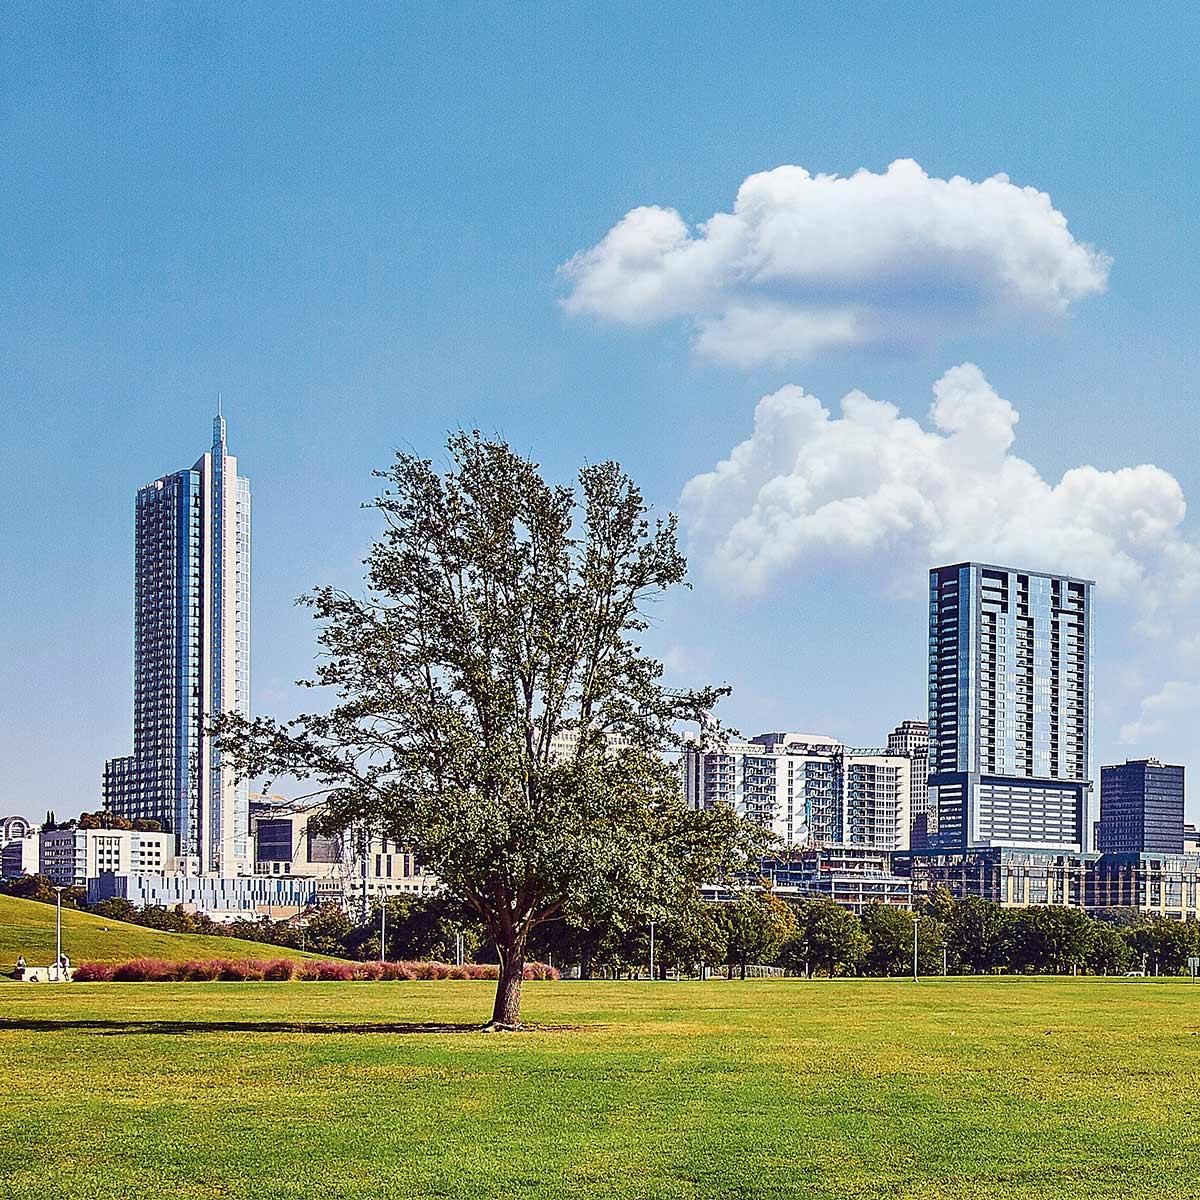 Ciudades esponja, la nueva alternativa paisajista para frenar el cambio climático